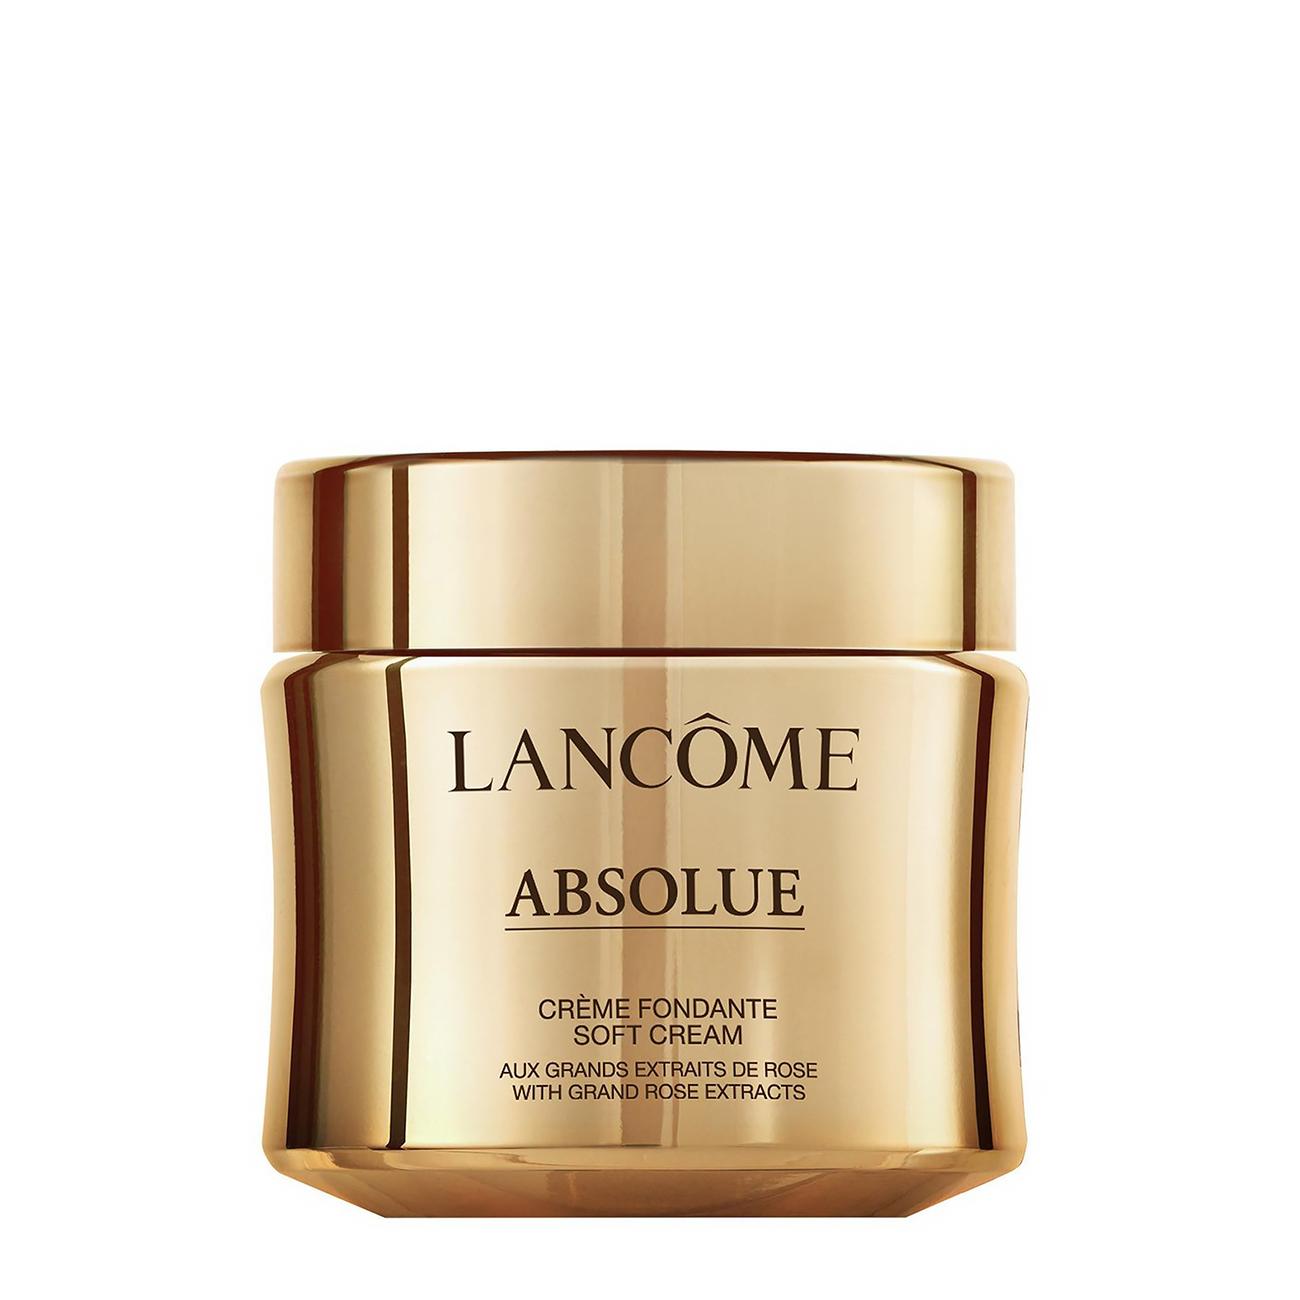 Absolue Soft Cream 60ml Lancôme imagine 2021 bestvalue.eu